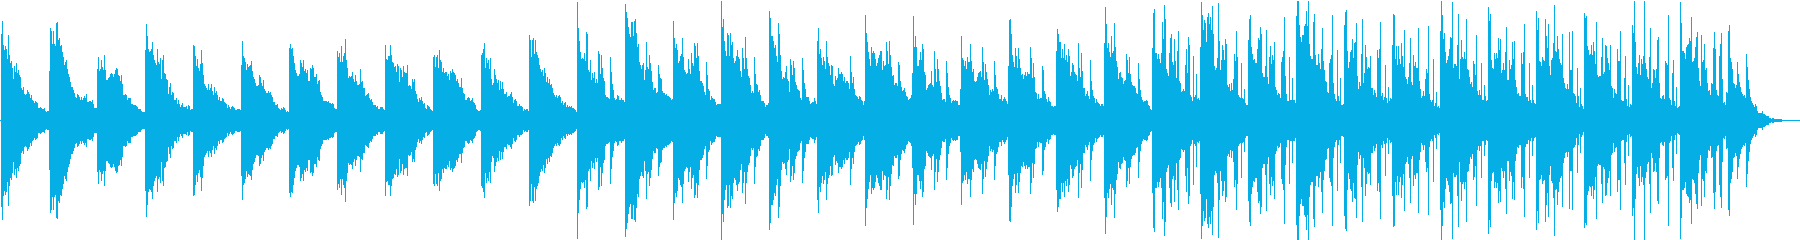 ピアノが響く不思議な森に迷い込むの再生済みの波形